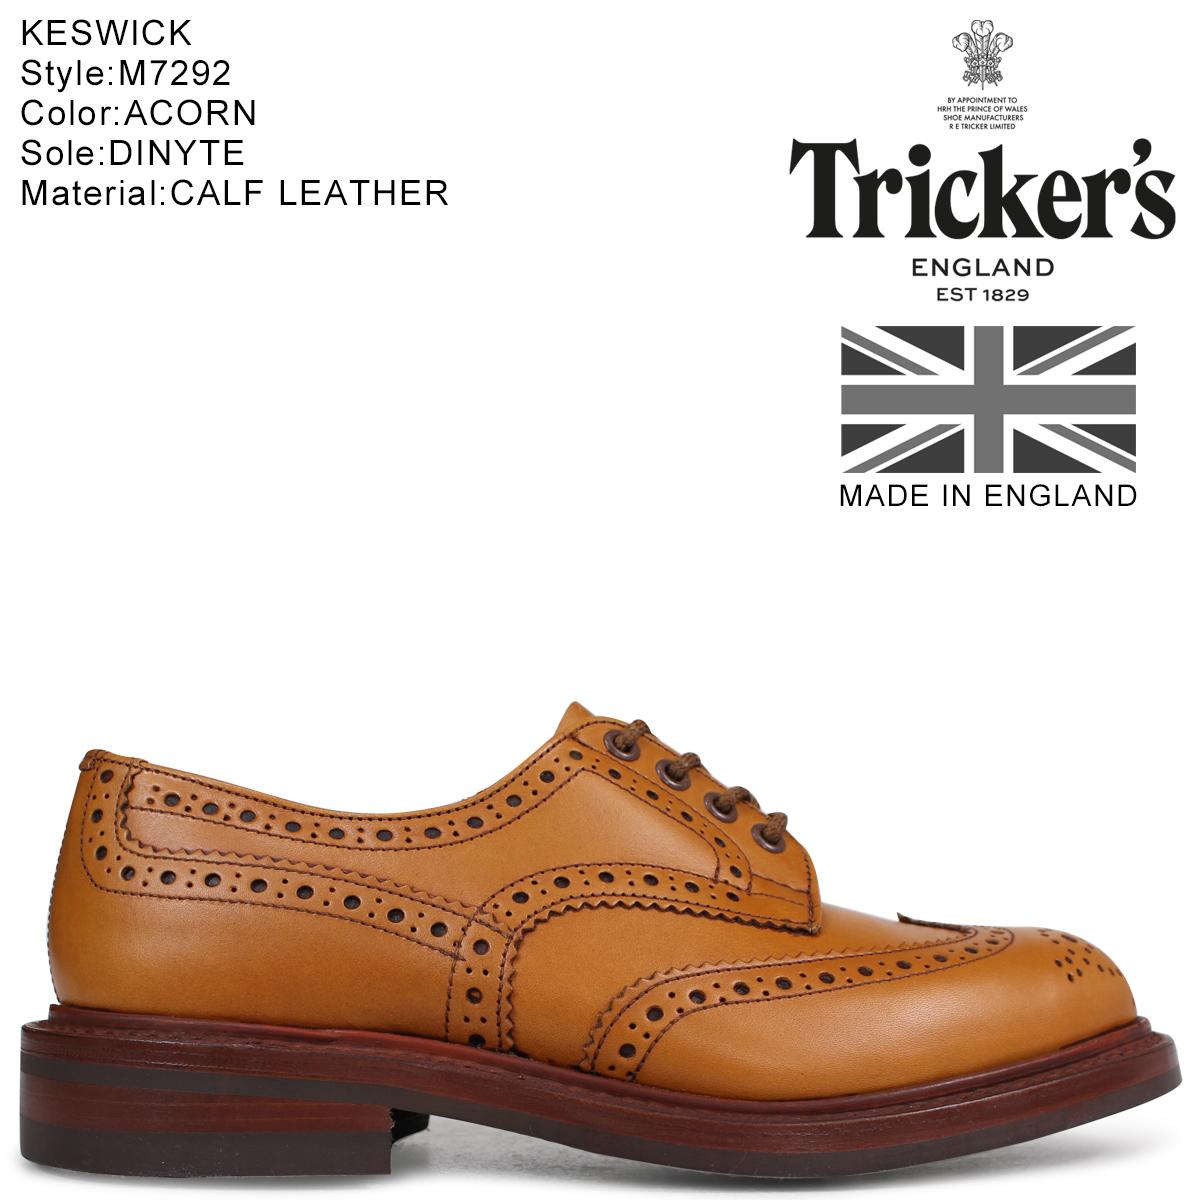 大割引 Tricker's トリッカーズ メンズ ウイングチップ シューズ KESWICK M7292 シューズ M7292 5ワイズ メンズ ブラウン, イーカプコン:3b17db94 --- business.personalco5.dominiotemporario.com